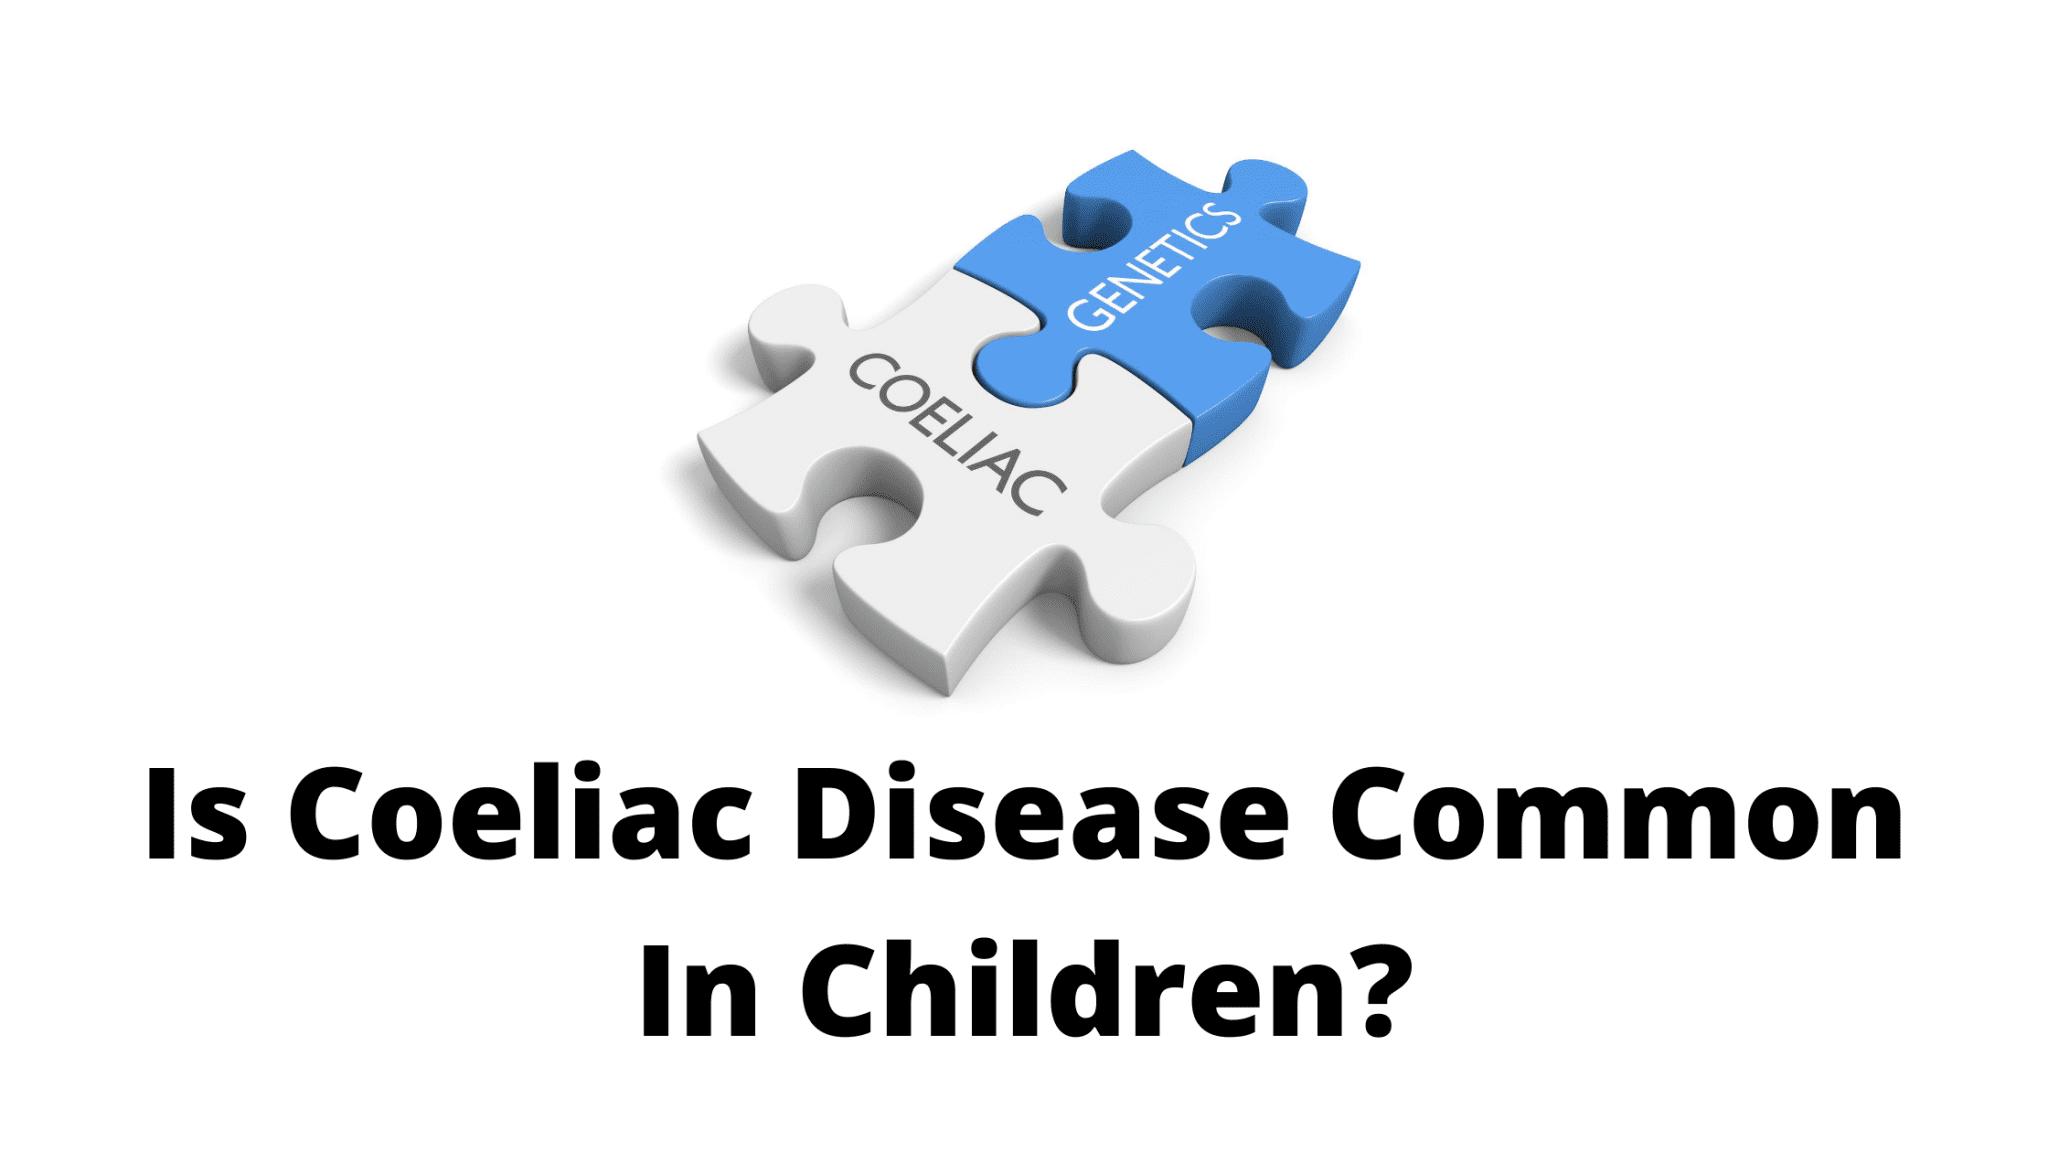 Is Coeliac Disease Common In Children?